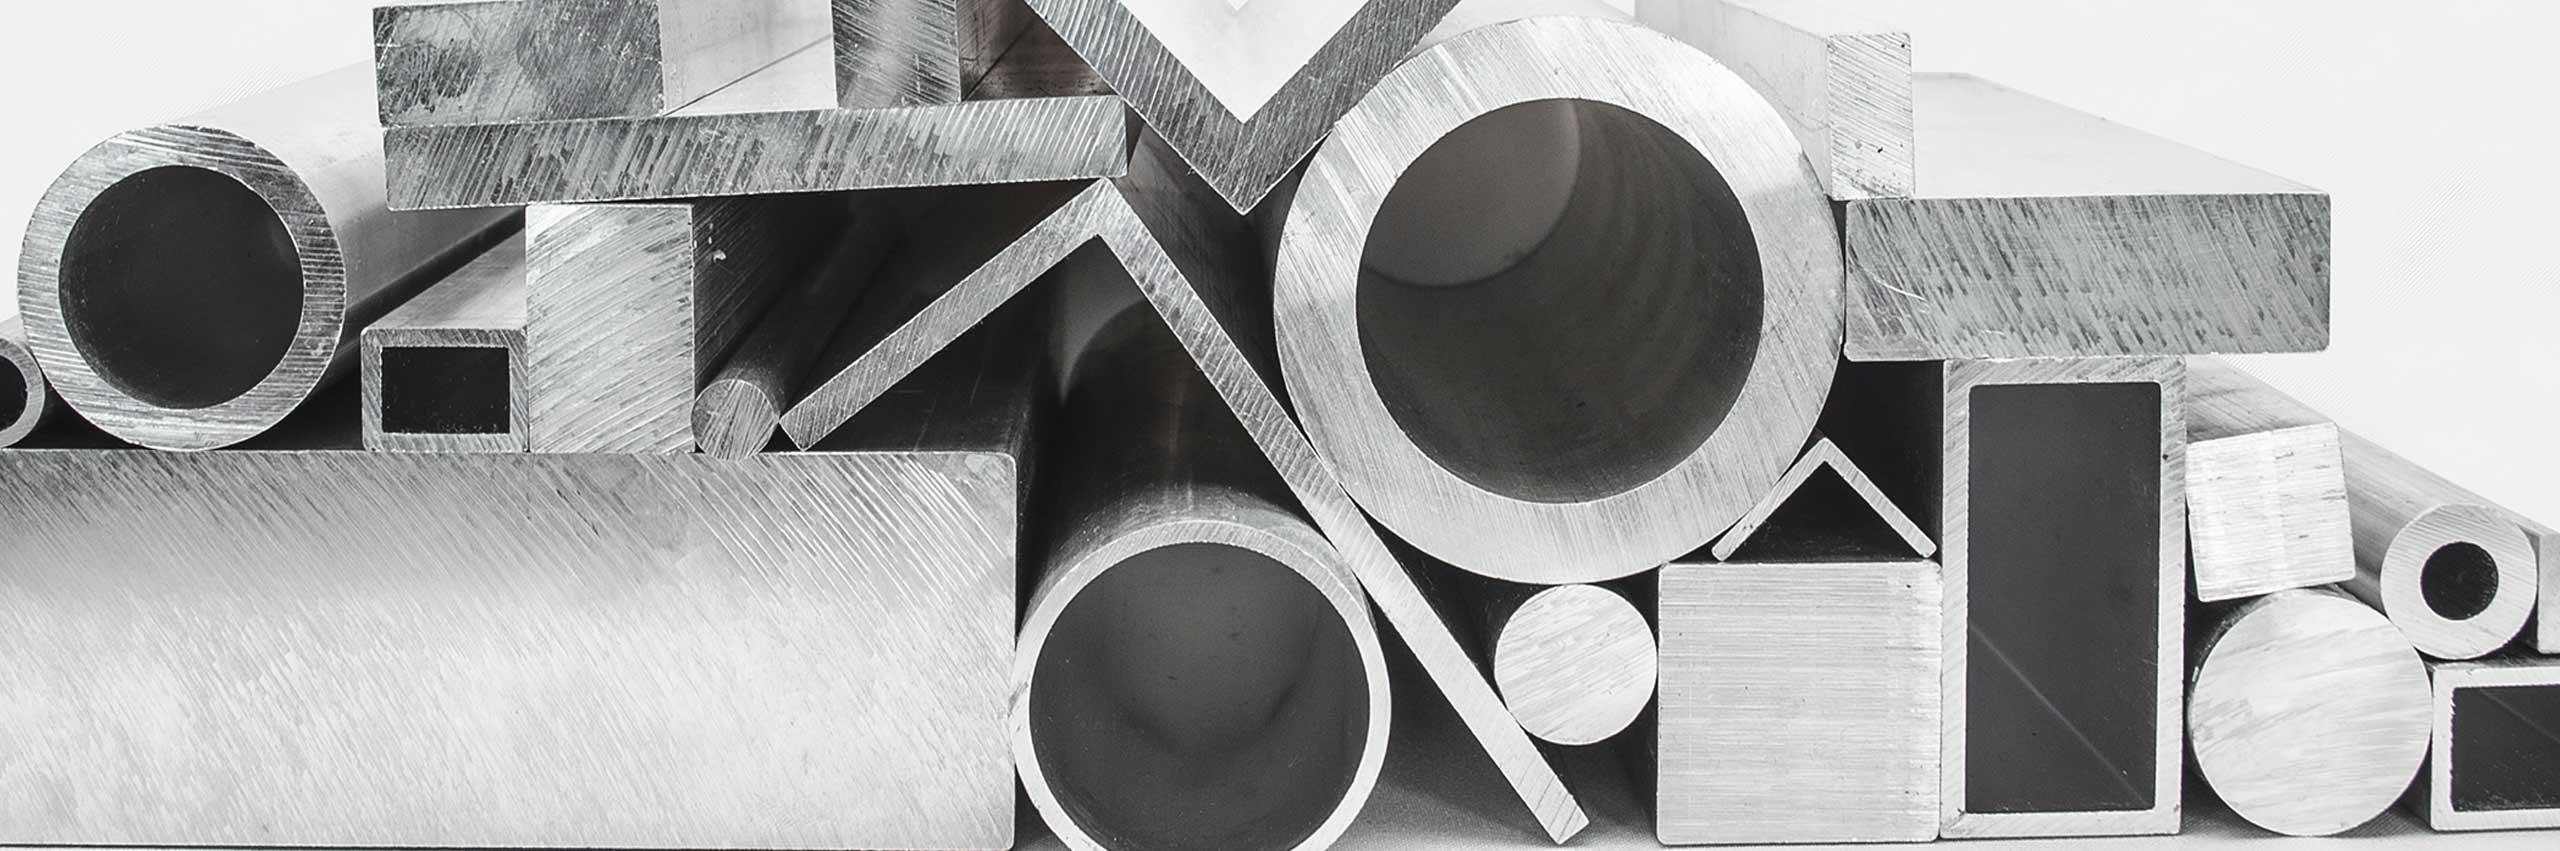 sublimétal, ferronnerie et métallerie Toulouse